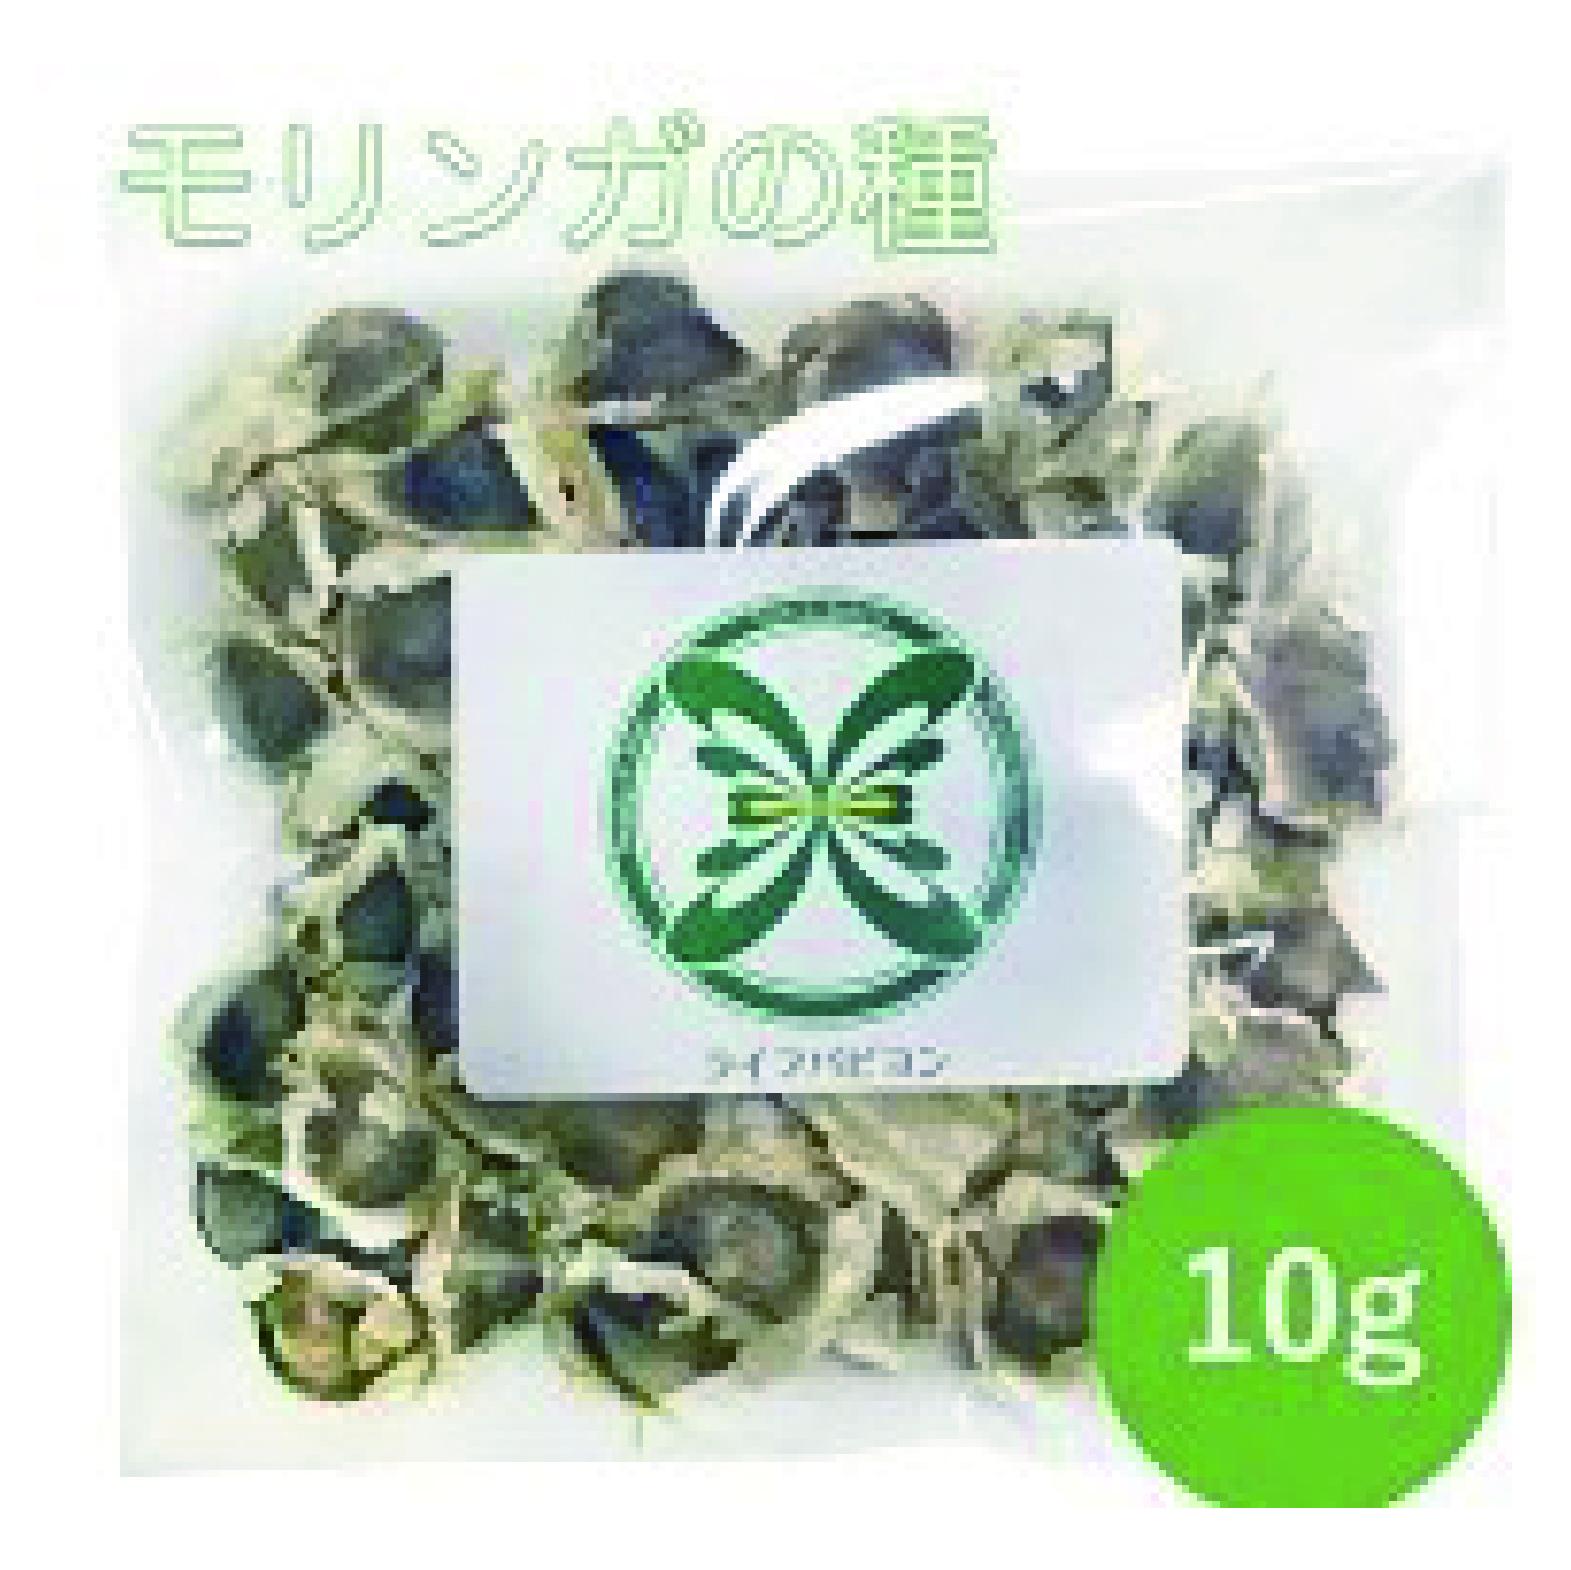 モリンガ種(10g) 育て方マニュアル付き プランター植え可能 一般価格:¥550円 税込 会員価格:¥495円 税込